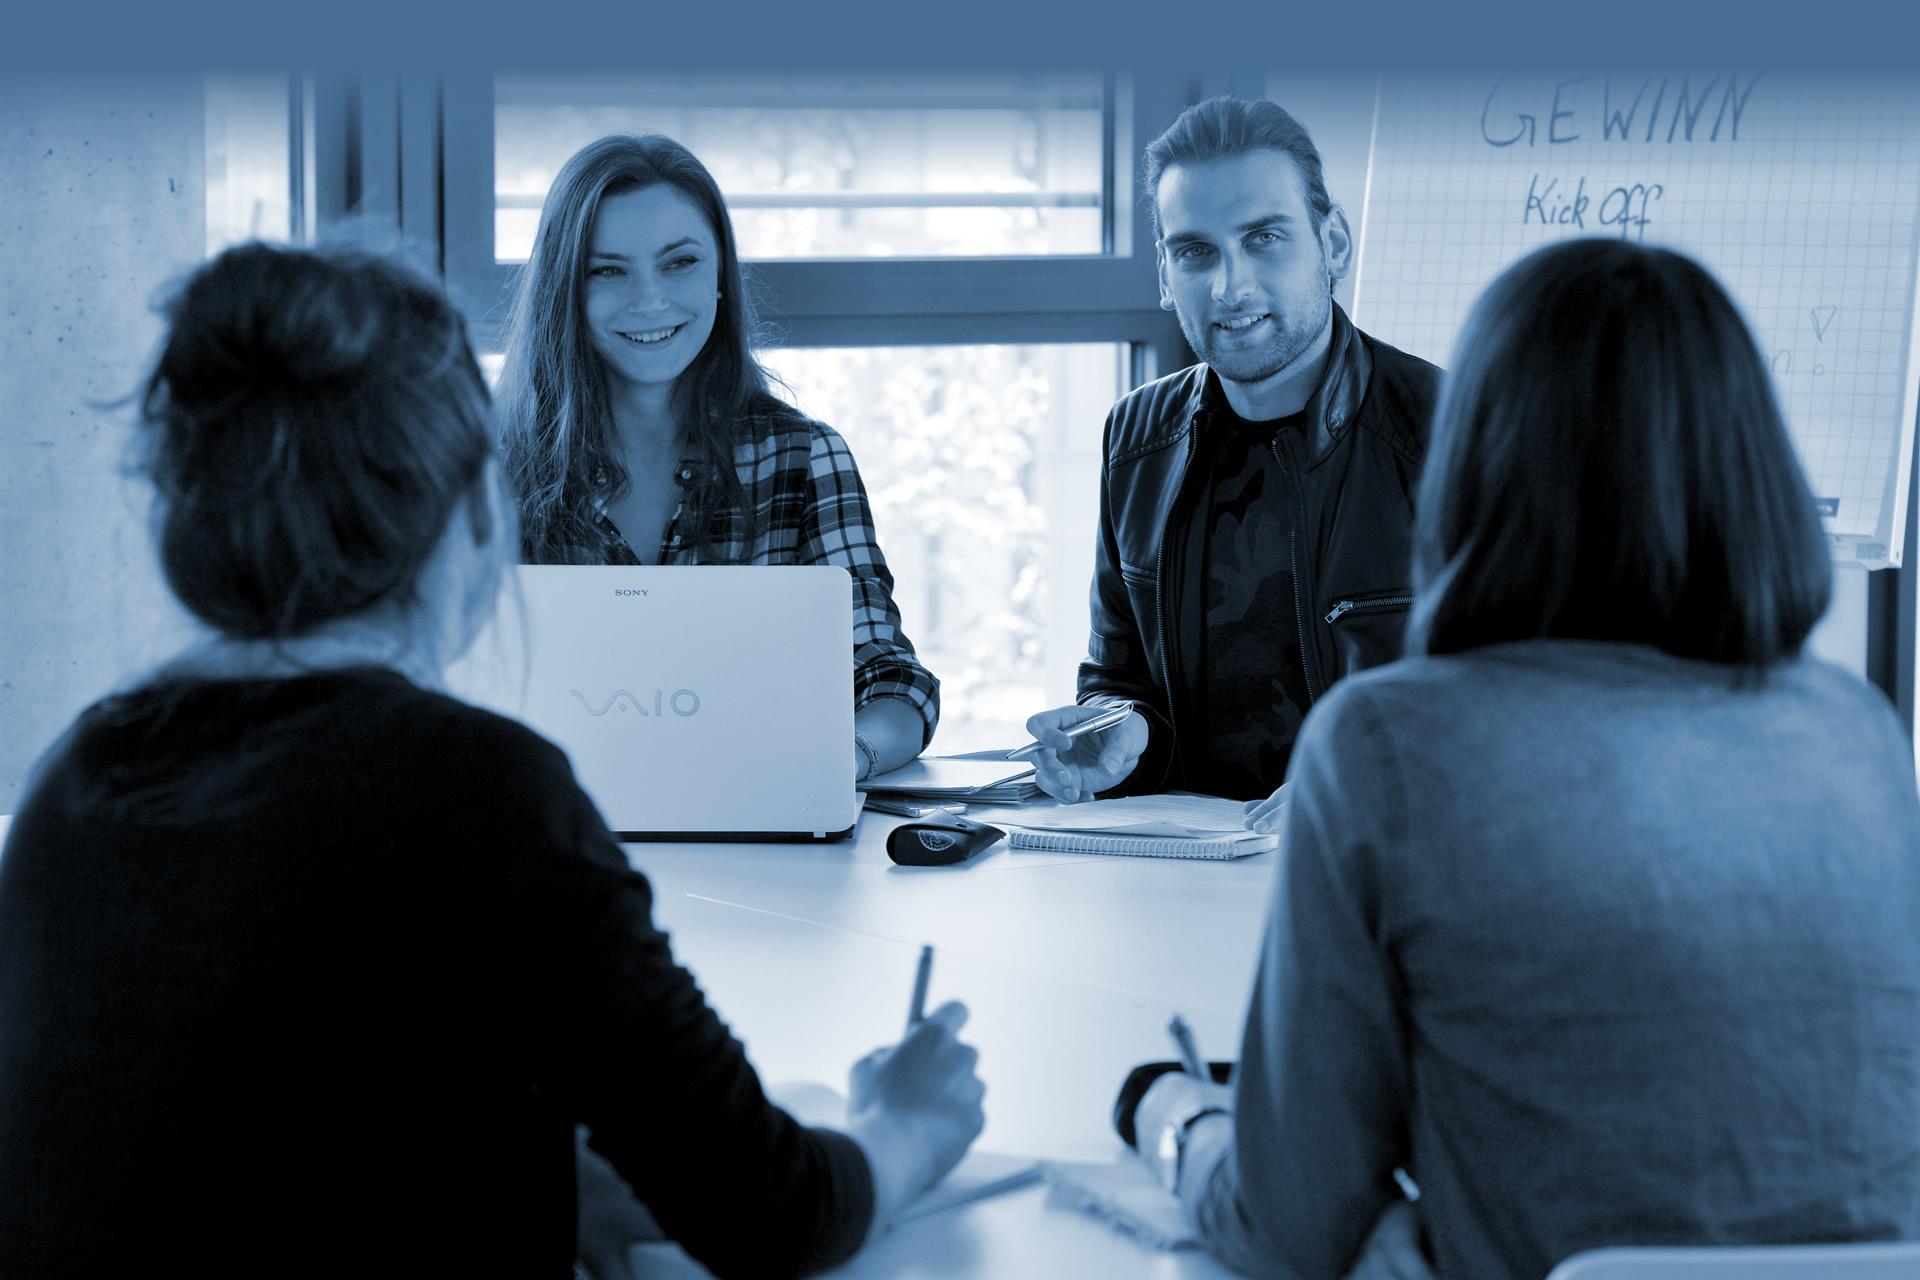 Studierende arbeiten gemeinsam sitzend an einem Tisch